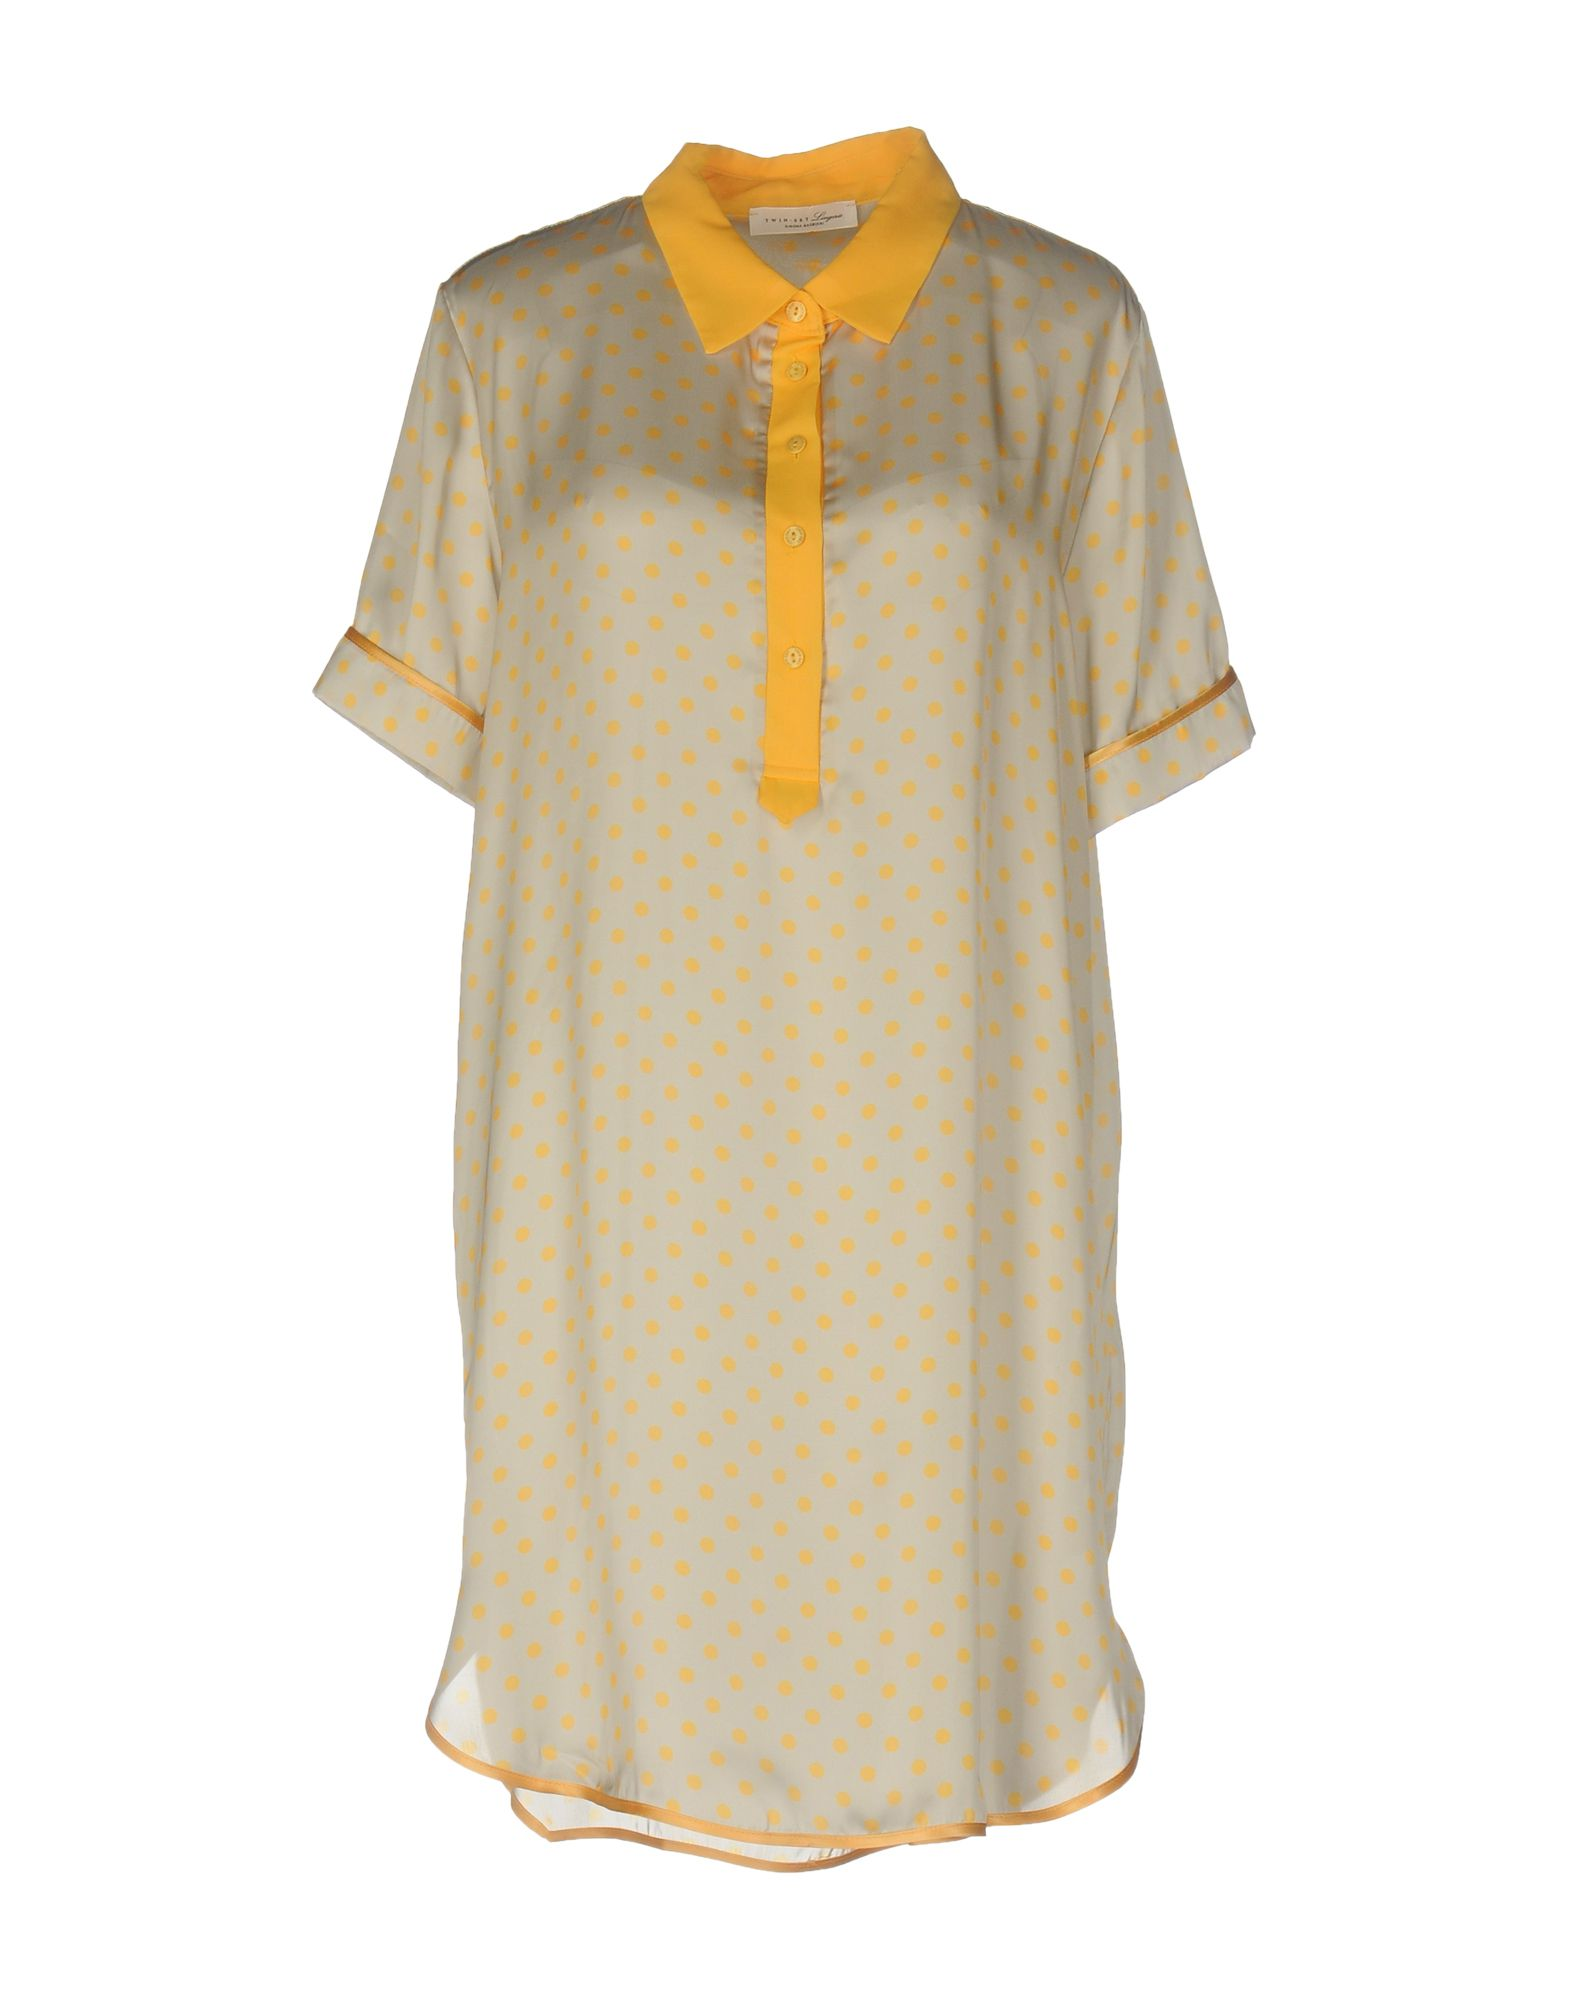 TWIN-SET LINGERIE Ночная рубашка рубашка в мелкий горошек